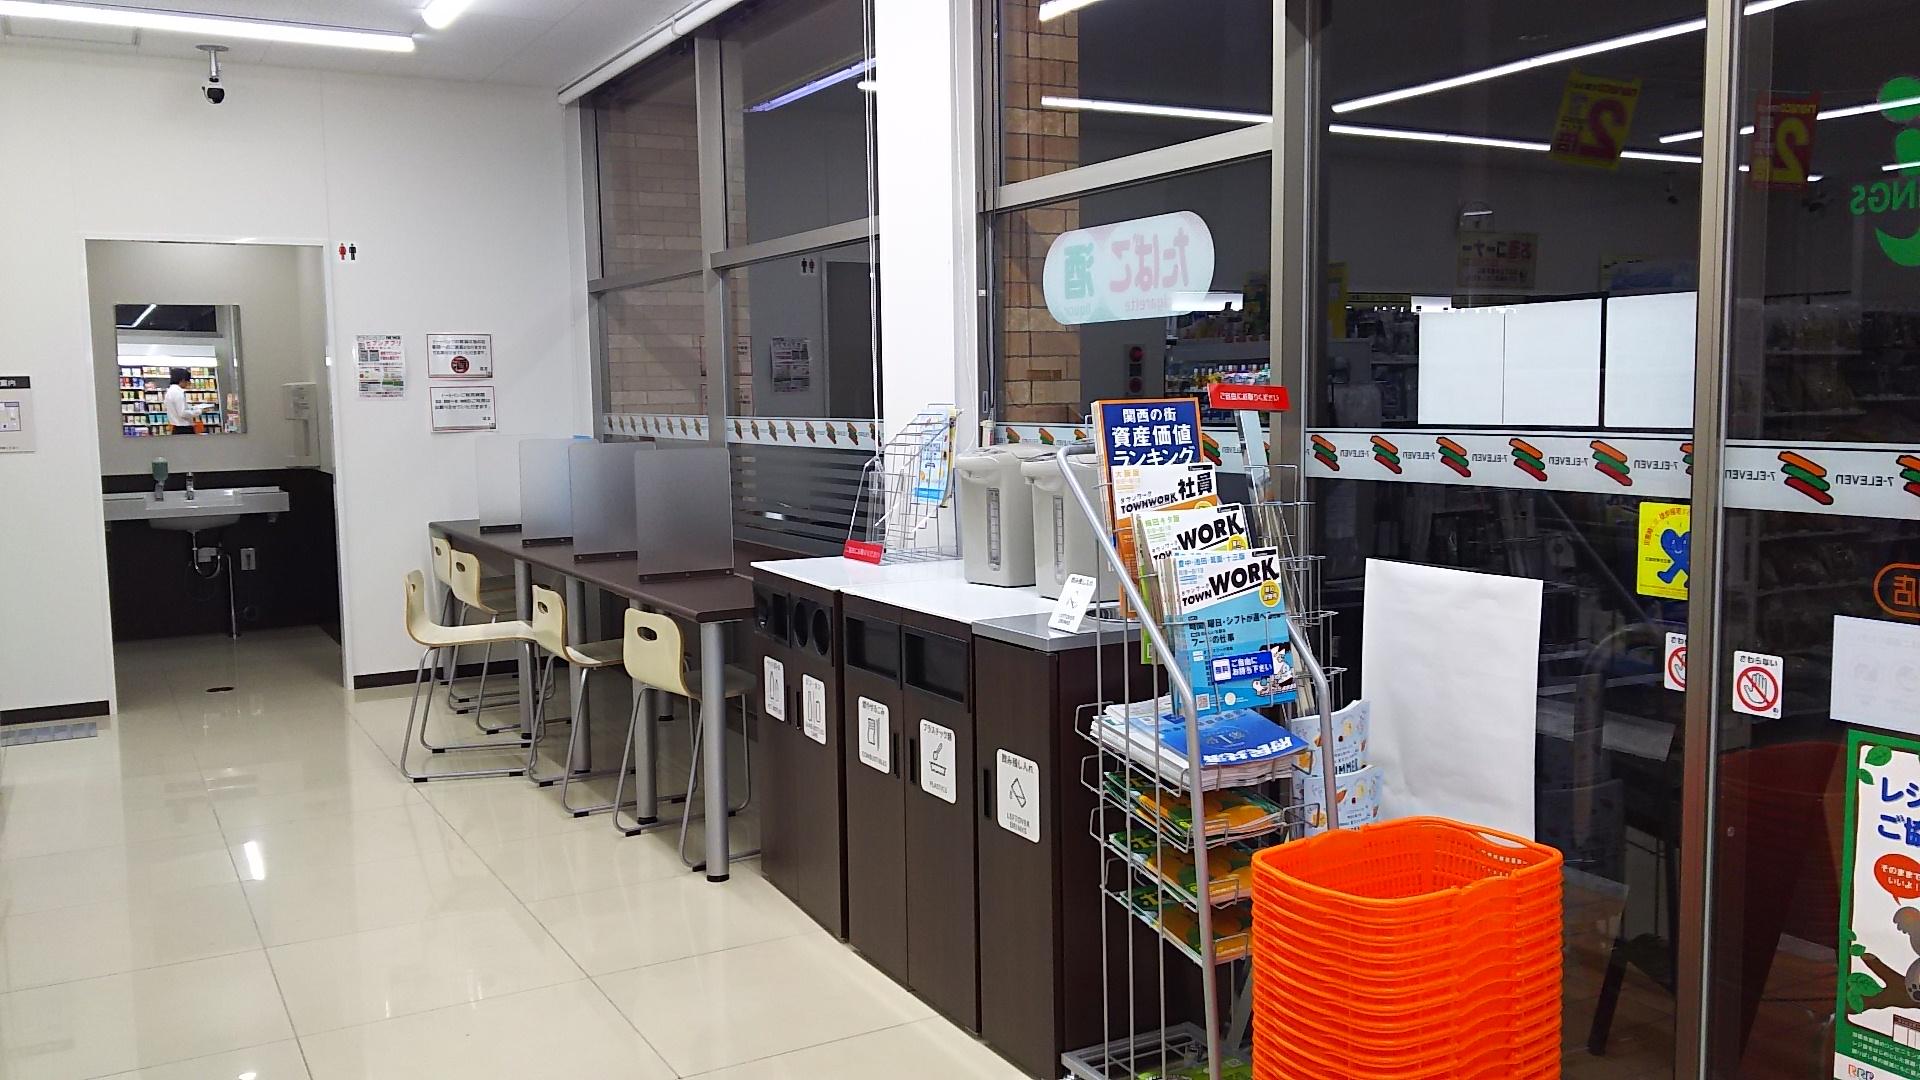 セブンイレブン 大阪加島3丁目店 店内飲食スペース